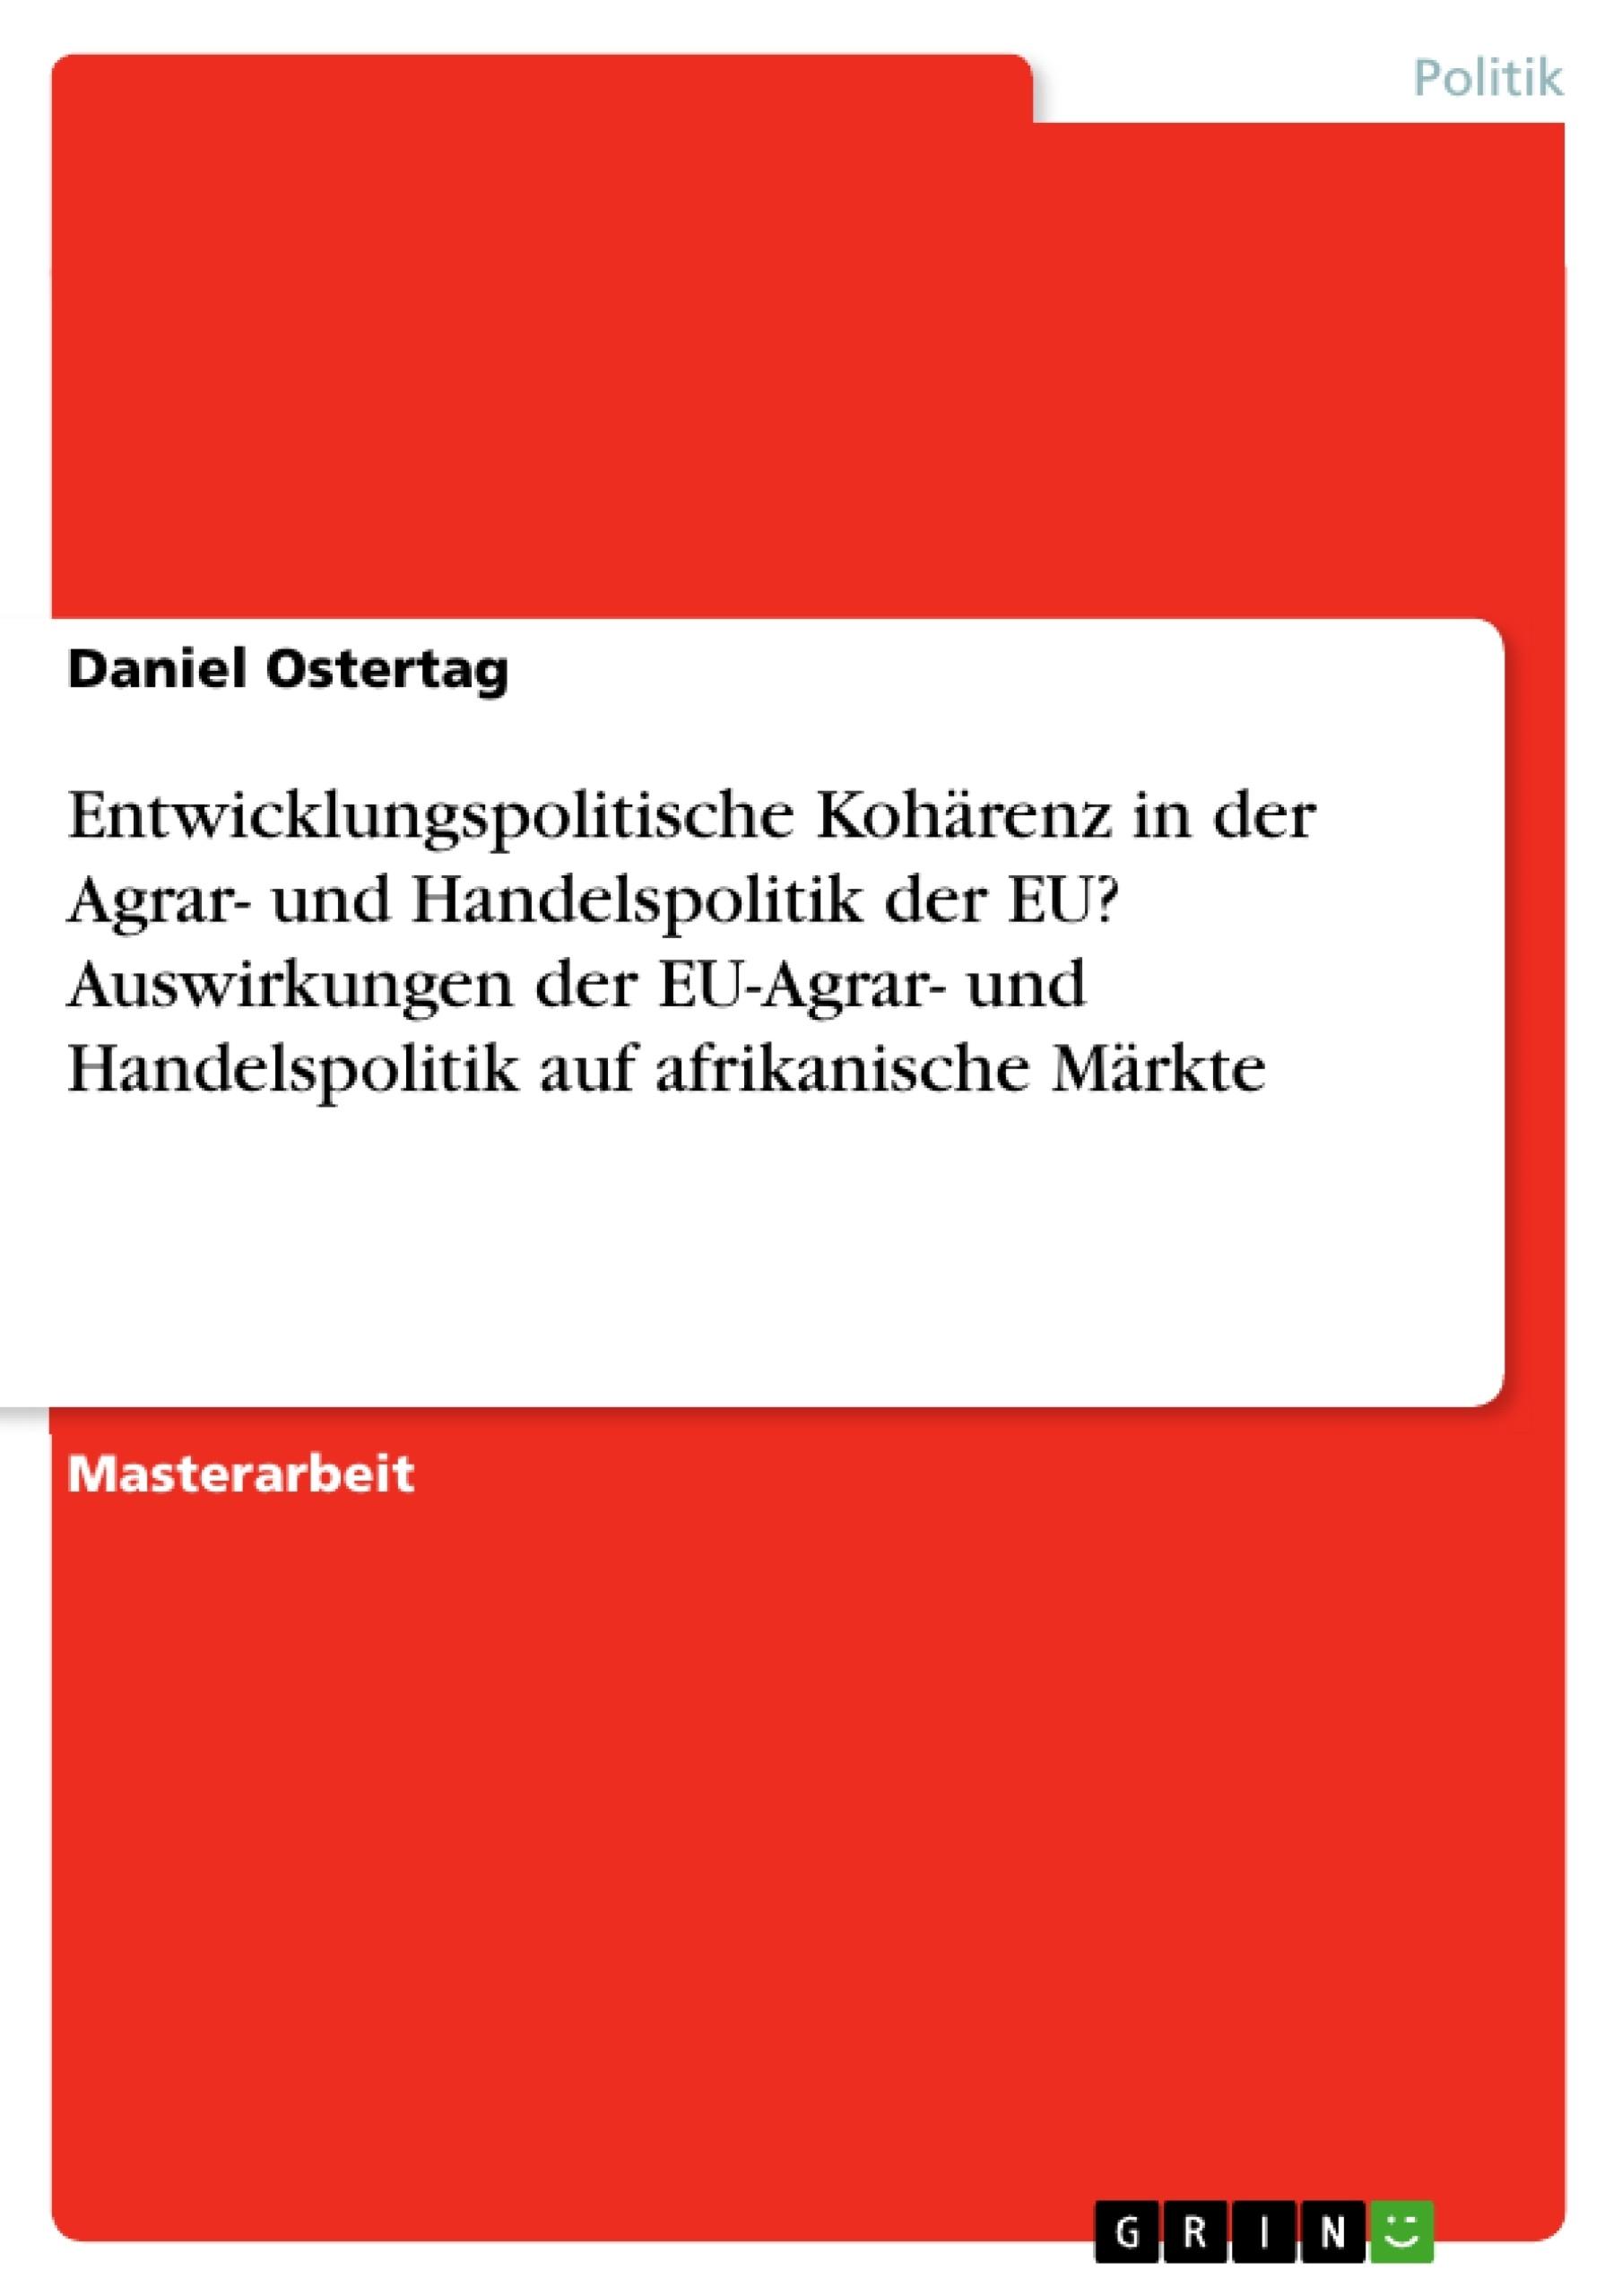 Titel: Entwicklungspolitische Kohärenz in der Agrar- und Handelspolitik der EU? Auswirkungen der EU-Agrar- und Handelspolitik auf afrikanische Märkte